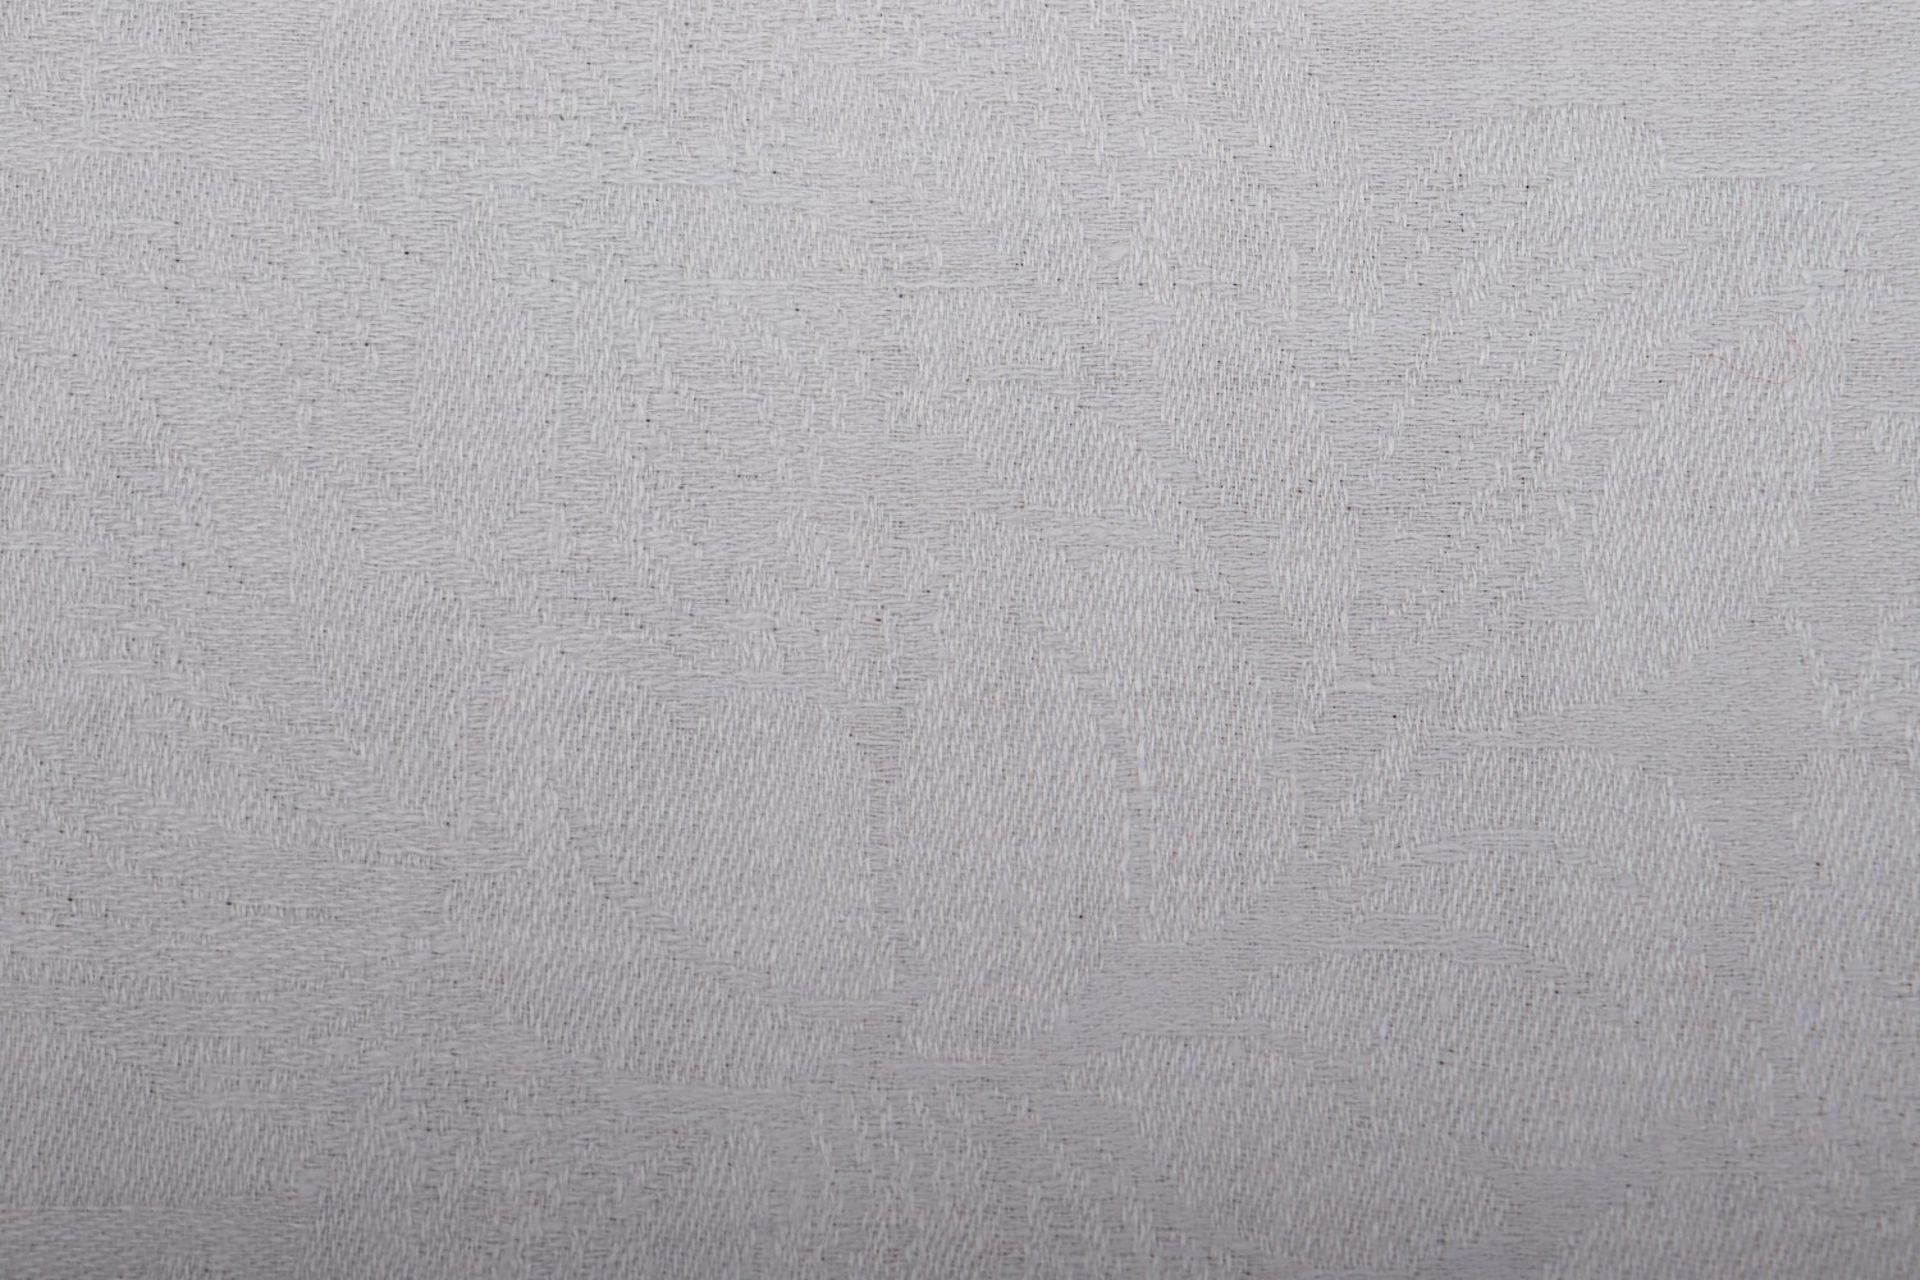 TAFELTUCH, Damast, 300 x - Image 2 of 2